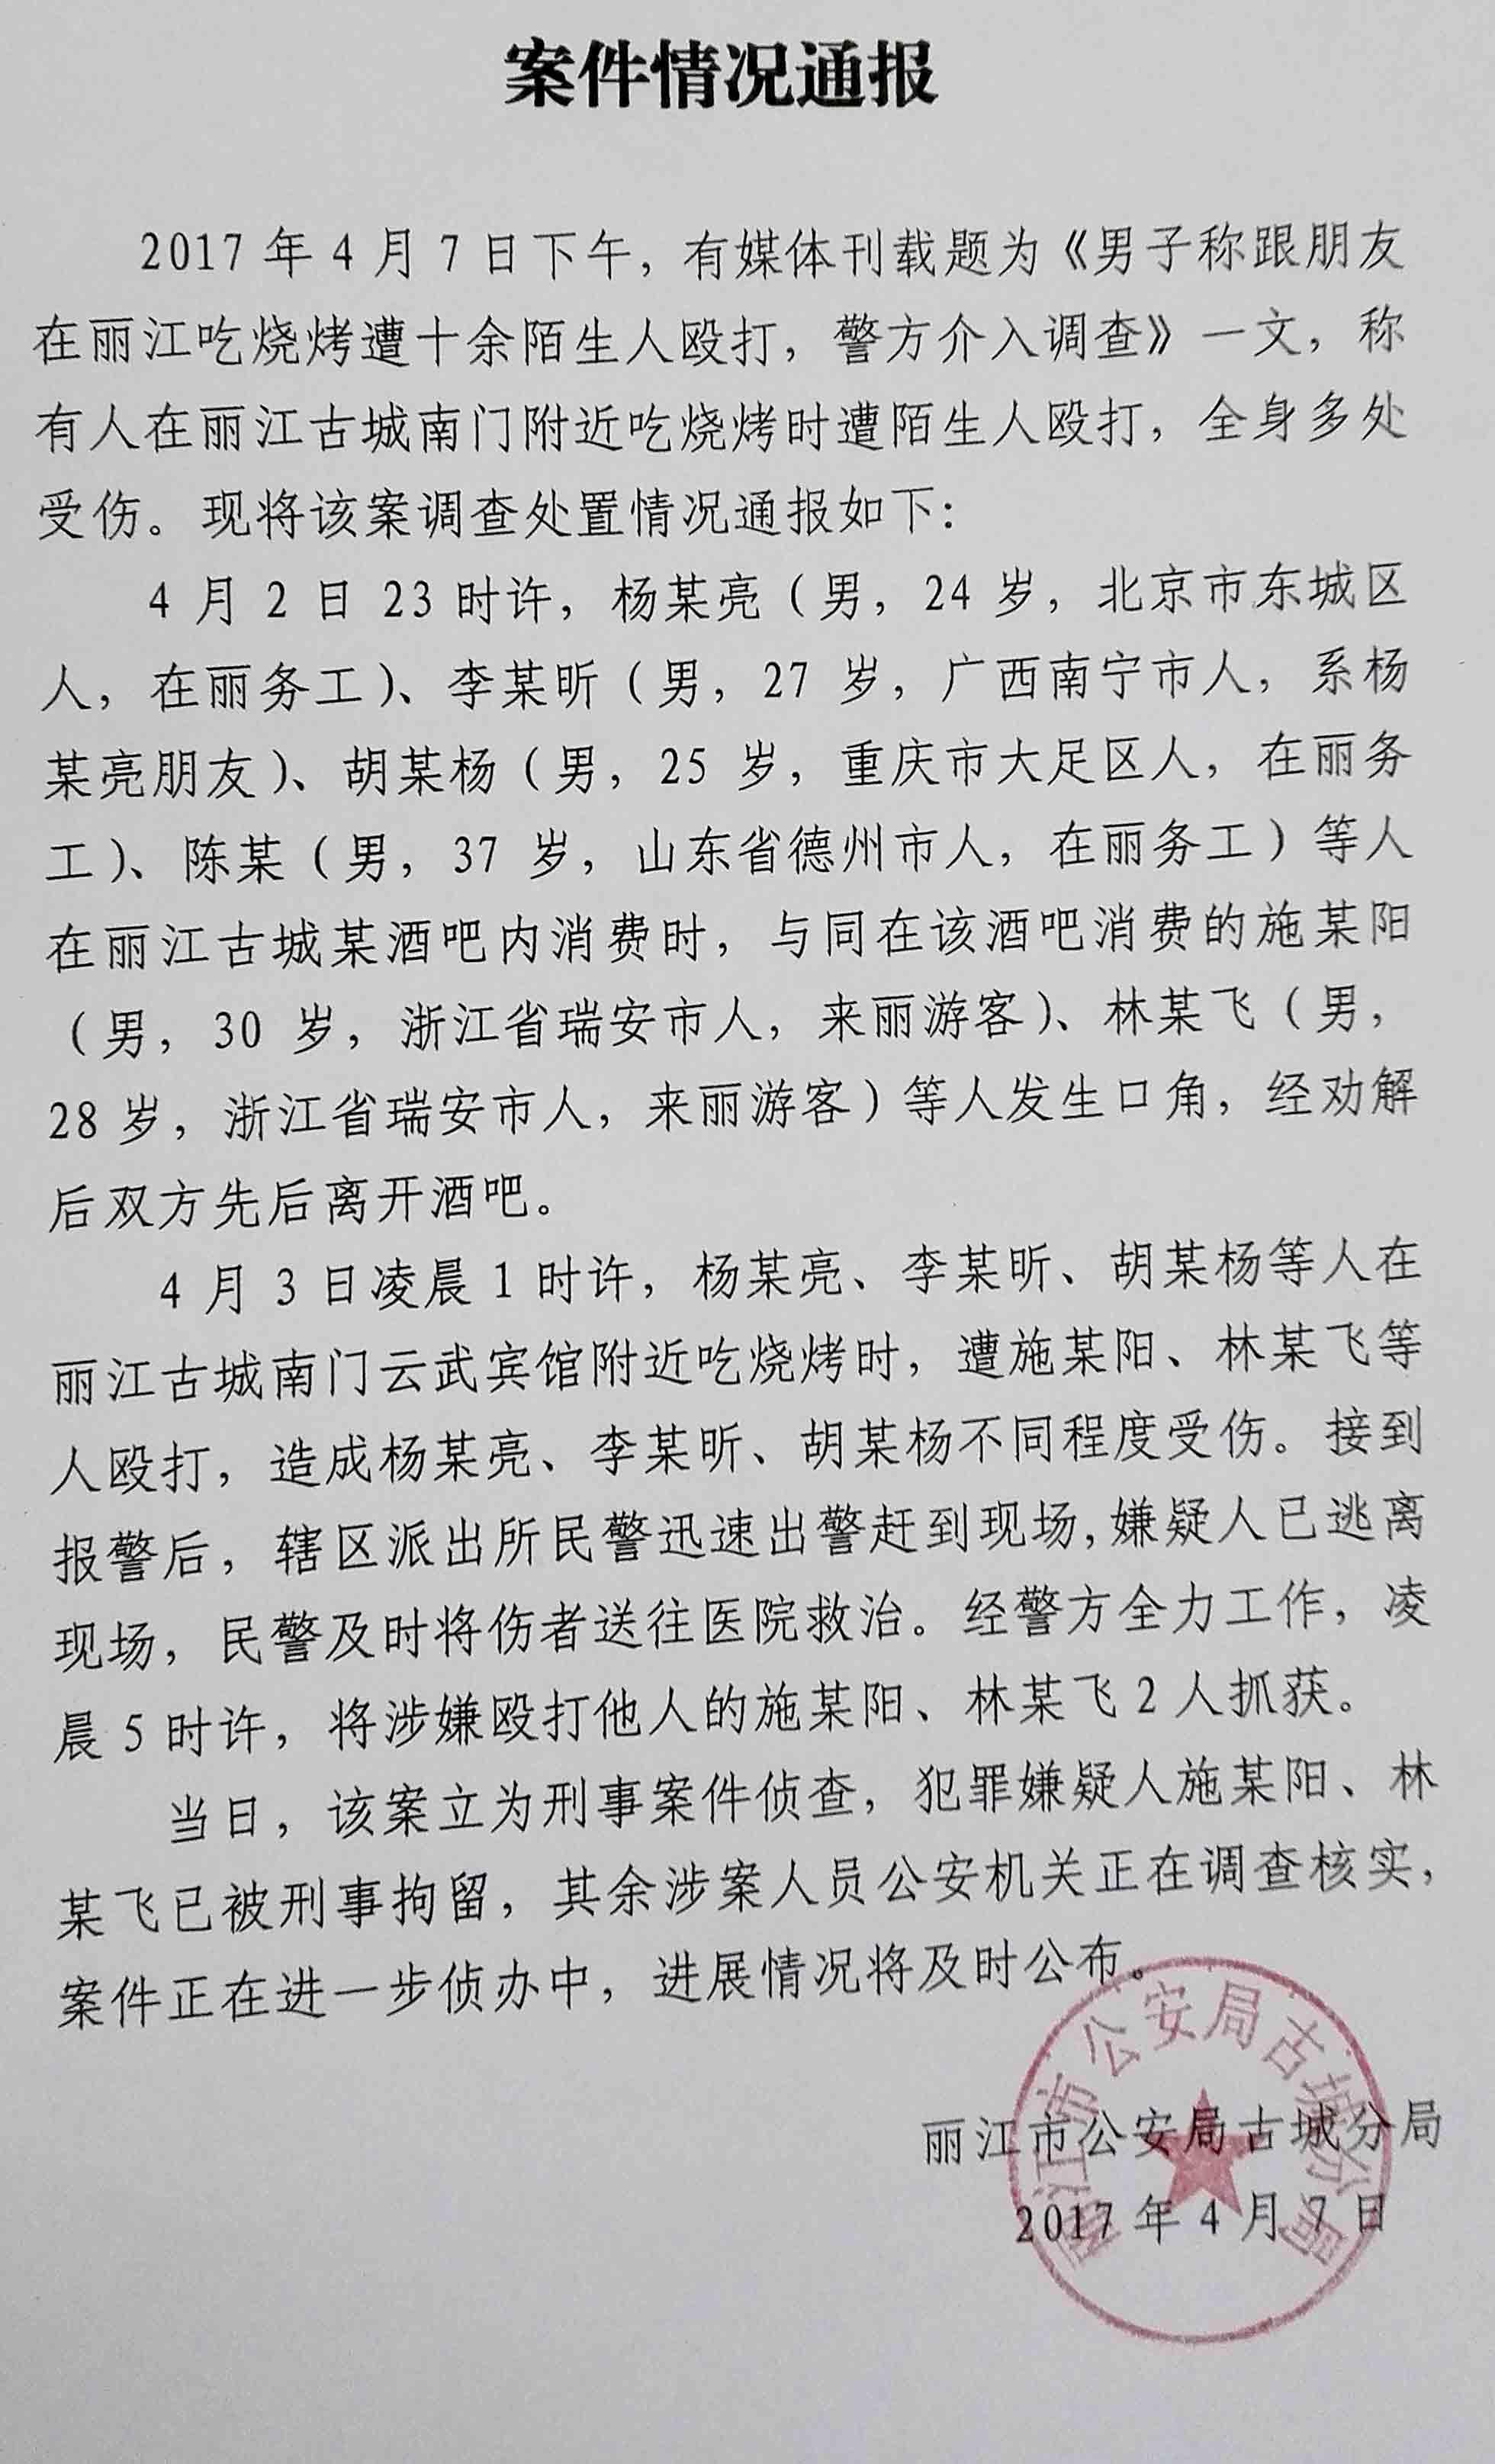 """吃烧烤被殴打通报:丽江""""多事之秋"""" 游客何苦为难游客"""